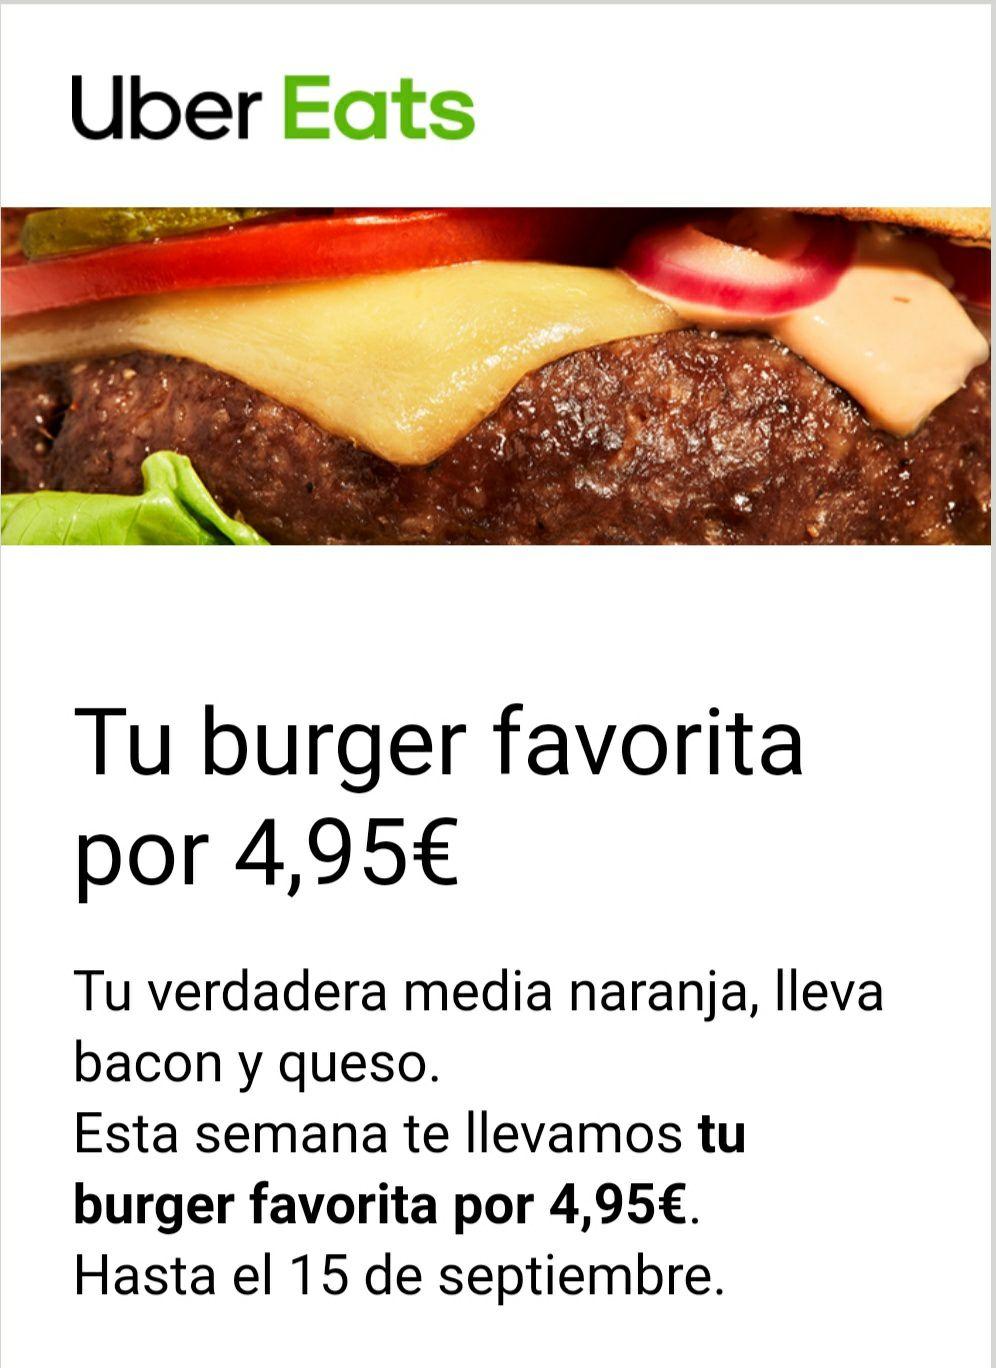 Hamburguesas a 4.95 Uber Eats